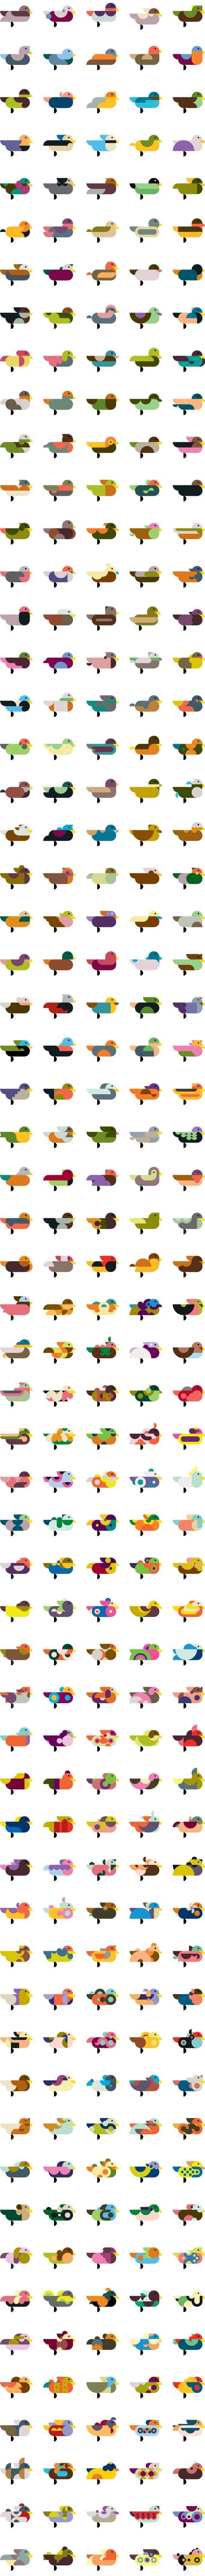 Muchos patos!!!!: